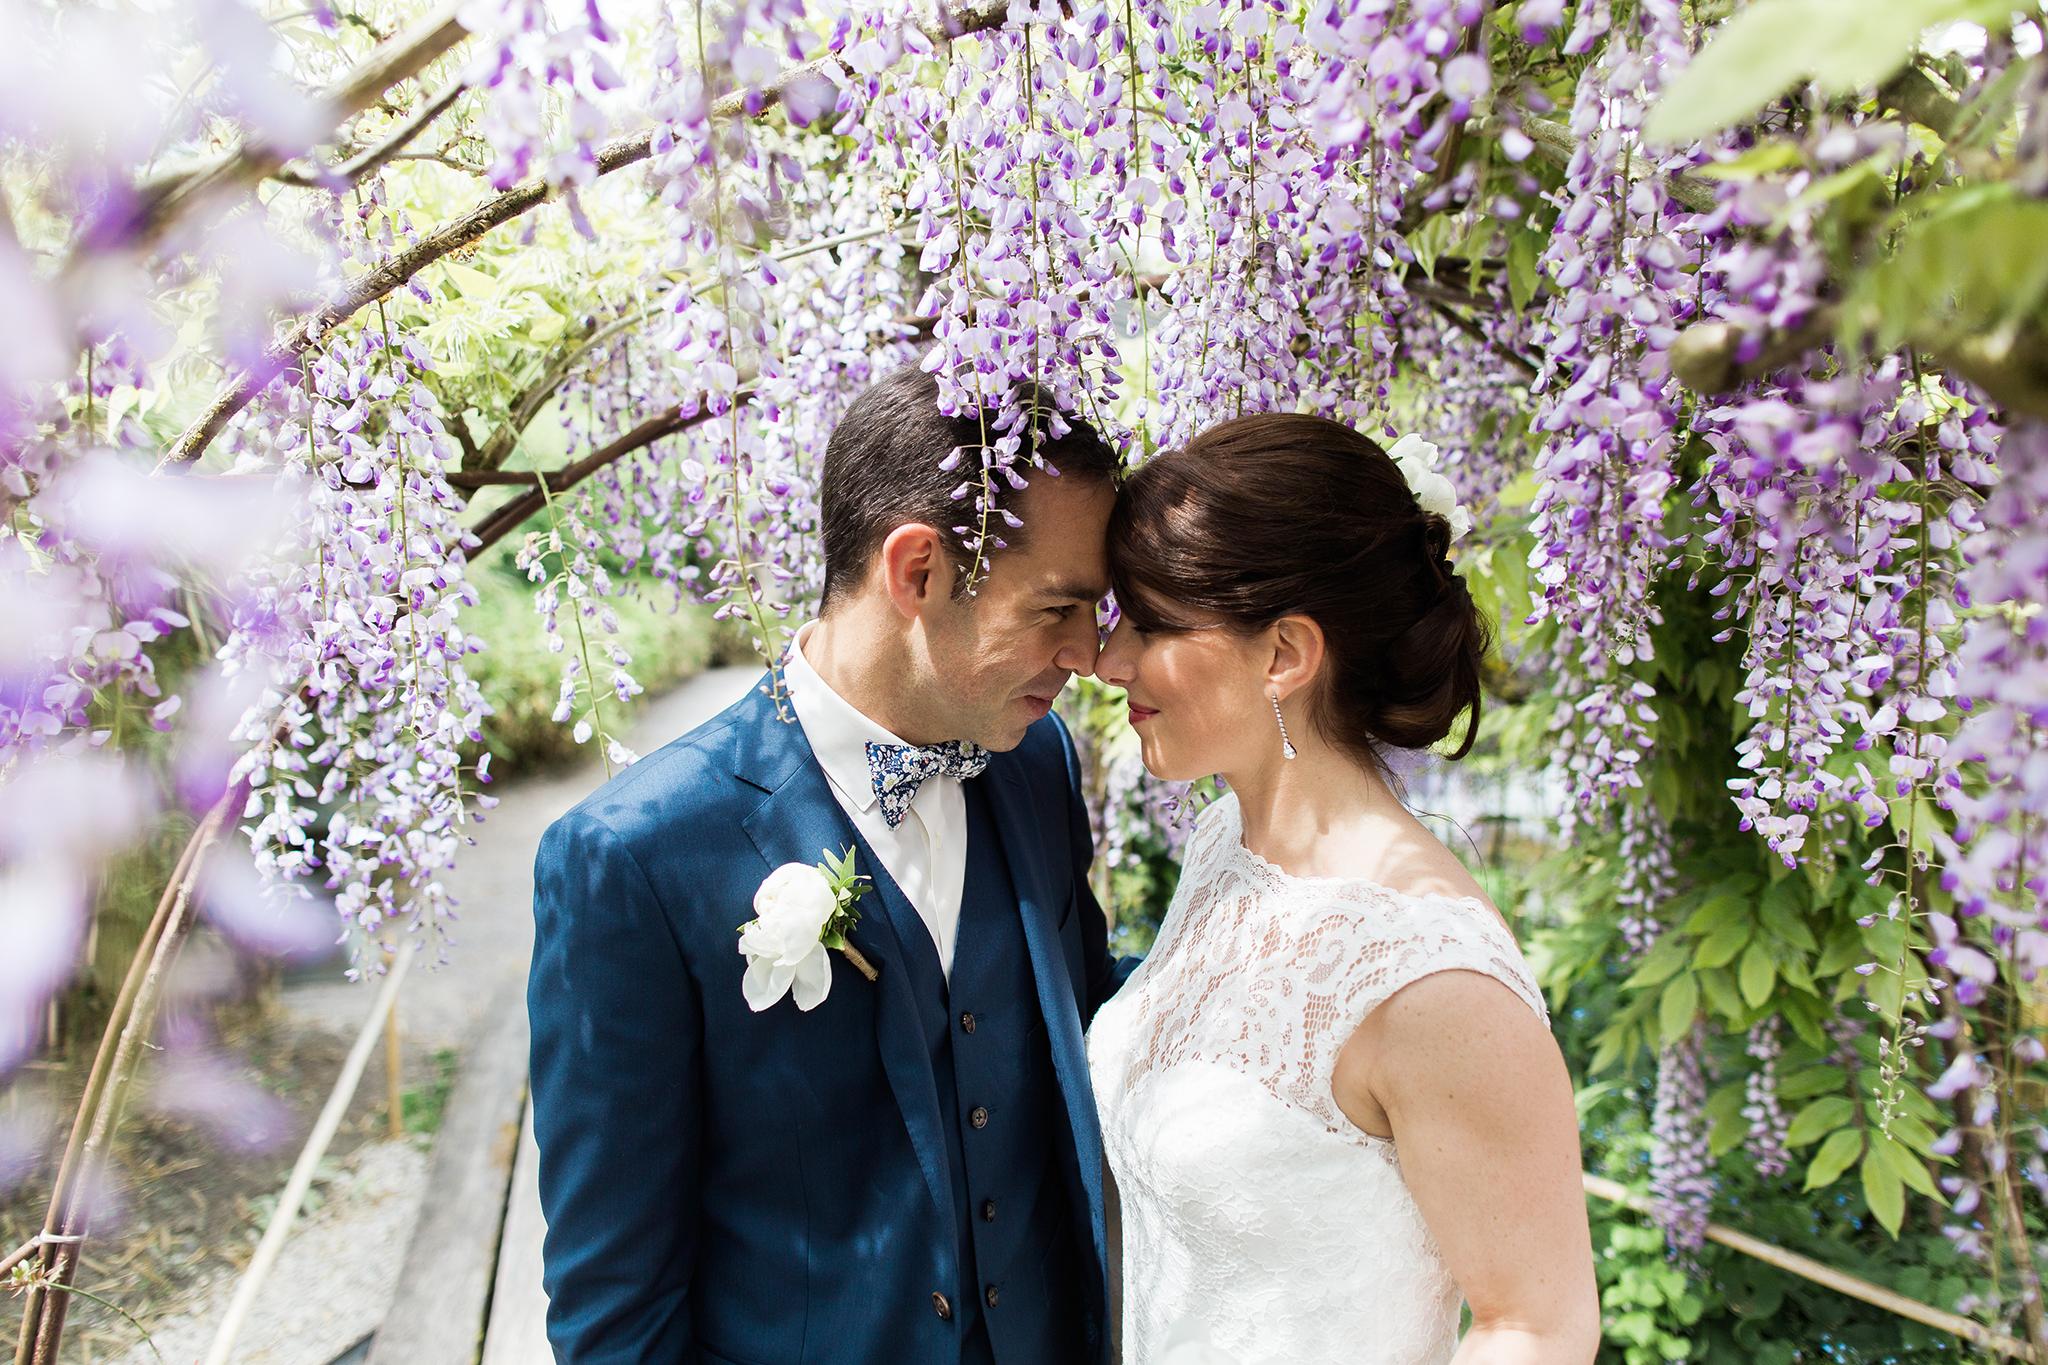 Un mariage au Colombier de Wicres dans les Weppes